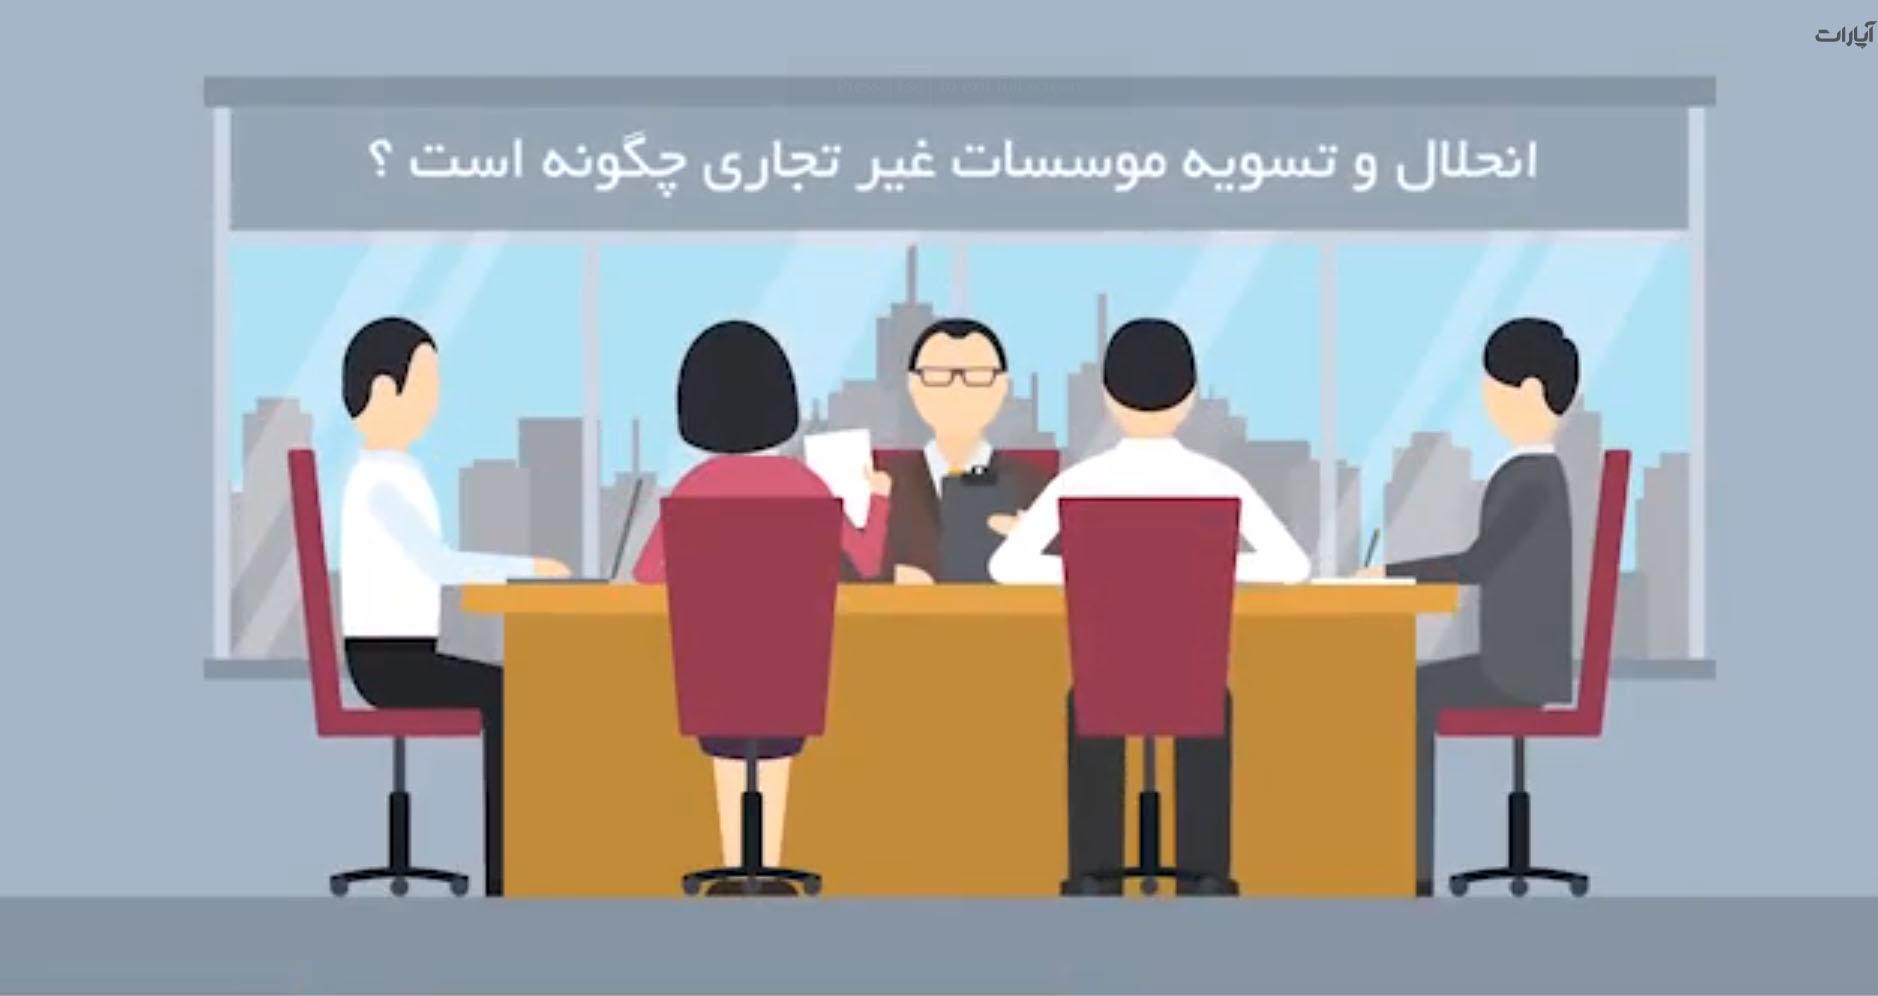 انحلال و تصفیه موسسات غیر تجاری چگونه صورت میگیرد؟